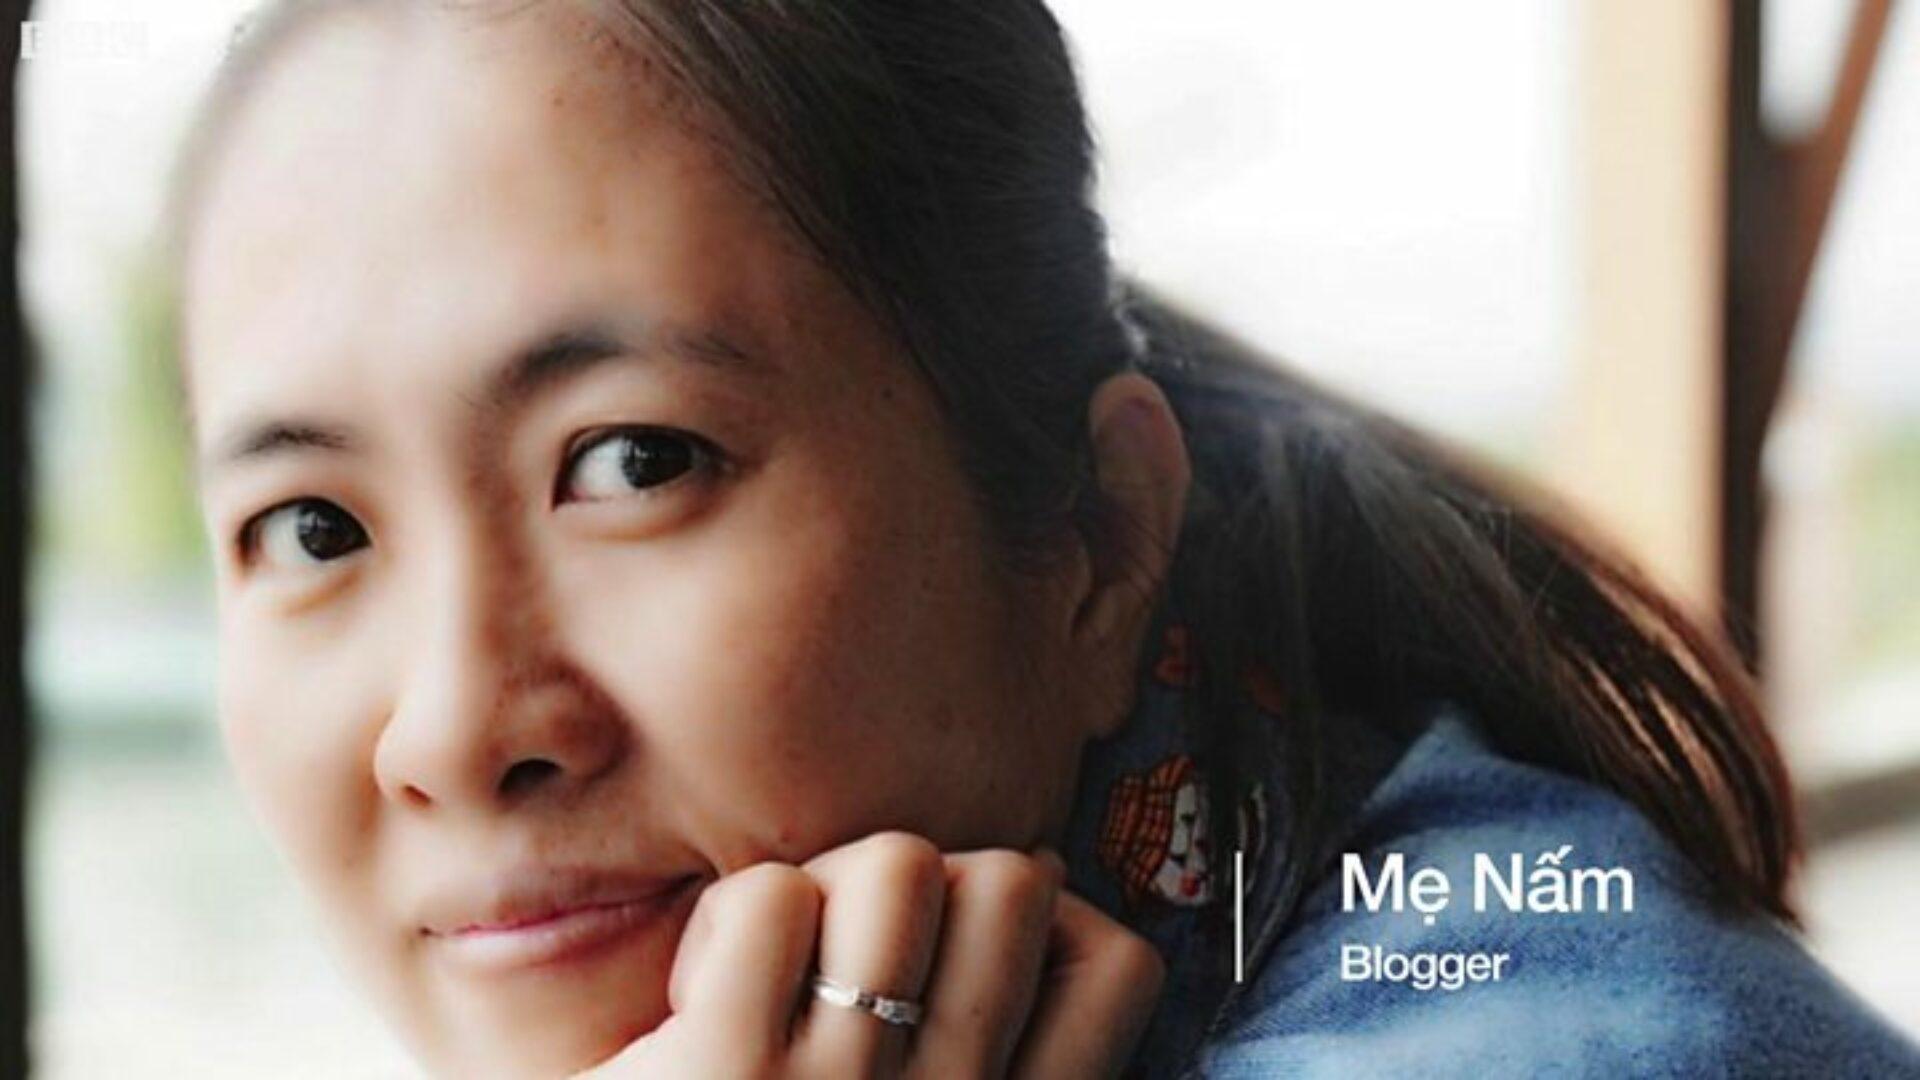 (Tiếng Việt) Thư đạo diễn phim Mẹ Vắng Nhà gửi đến Mẹ Nấm